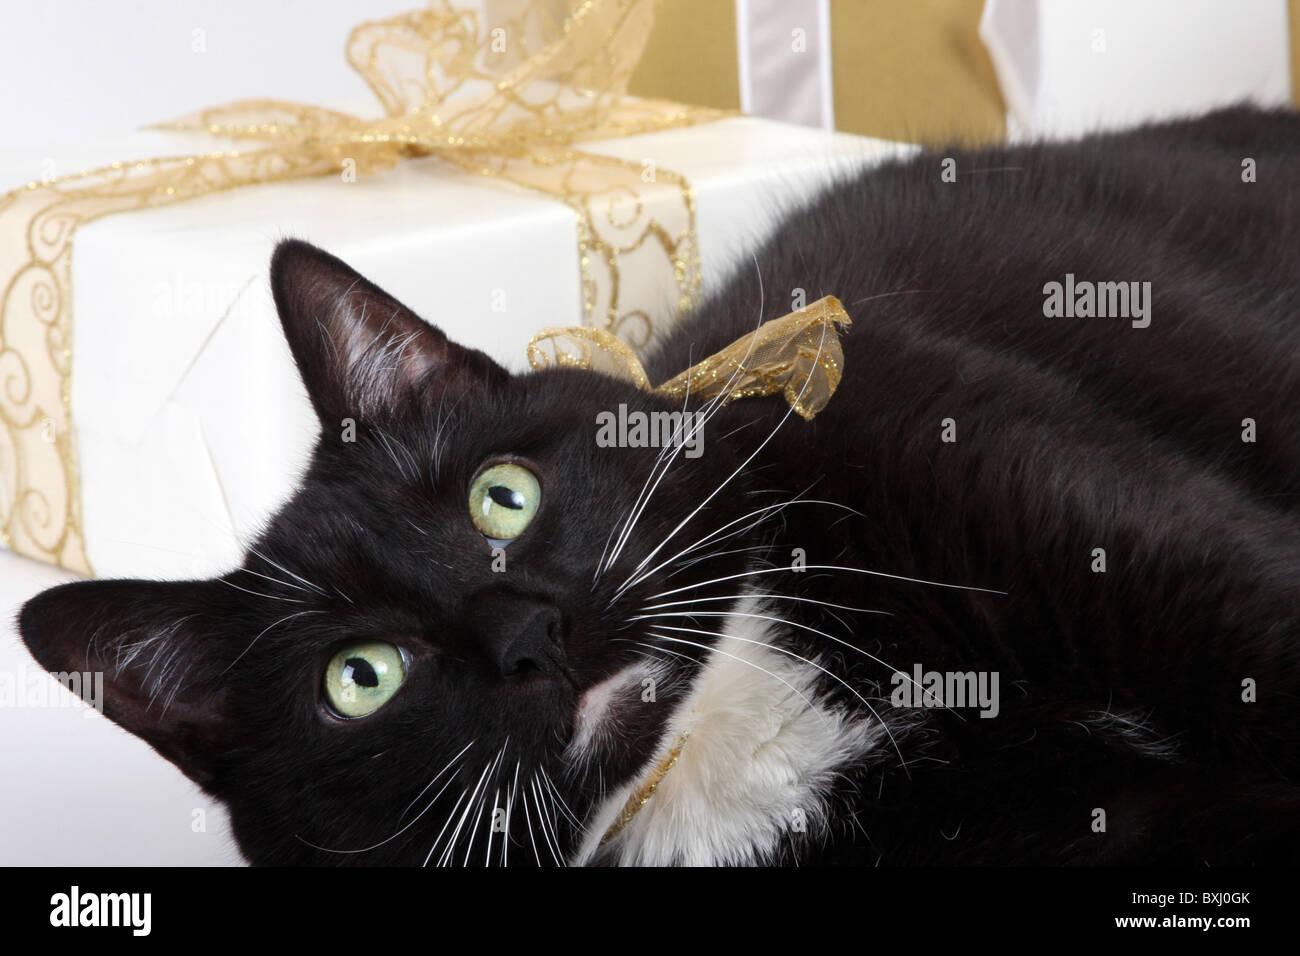 Schwarze Katze Die Umgeben Von Weihnachtsgeschenke Stockfoto Bild